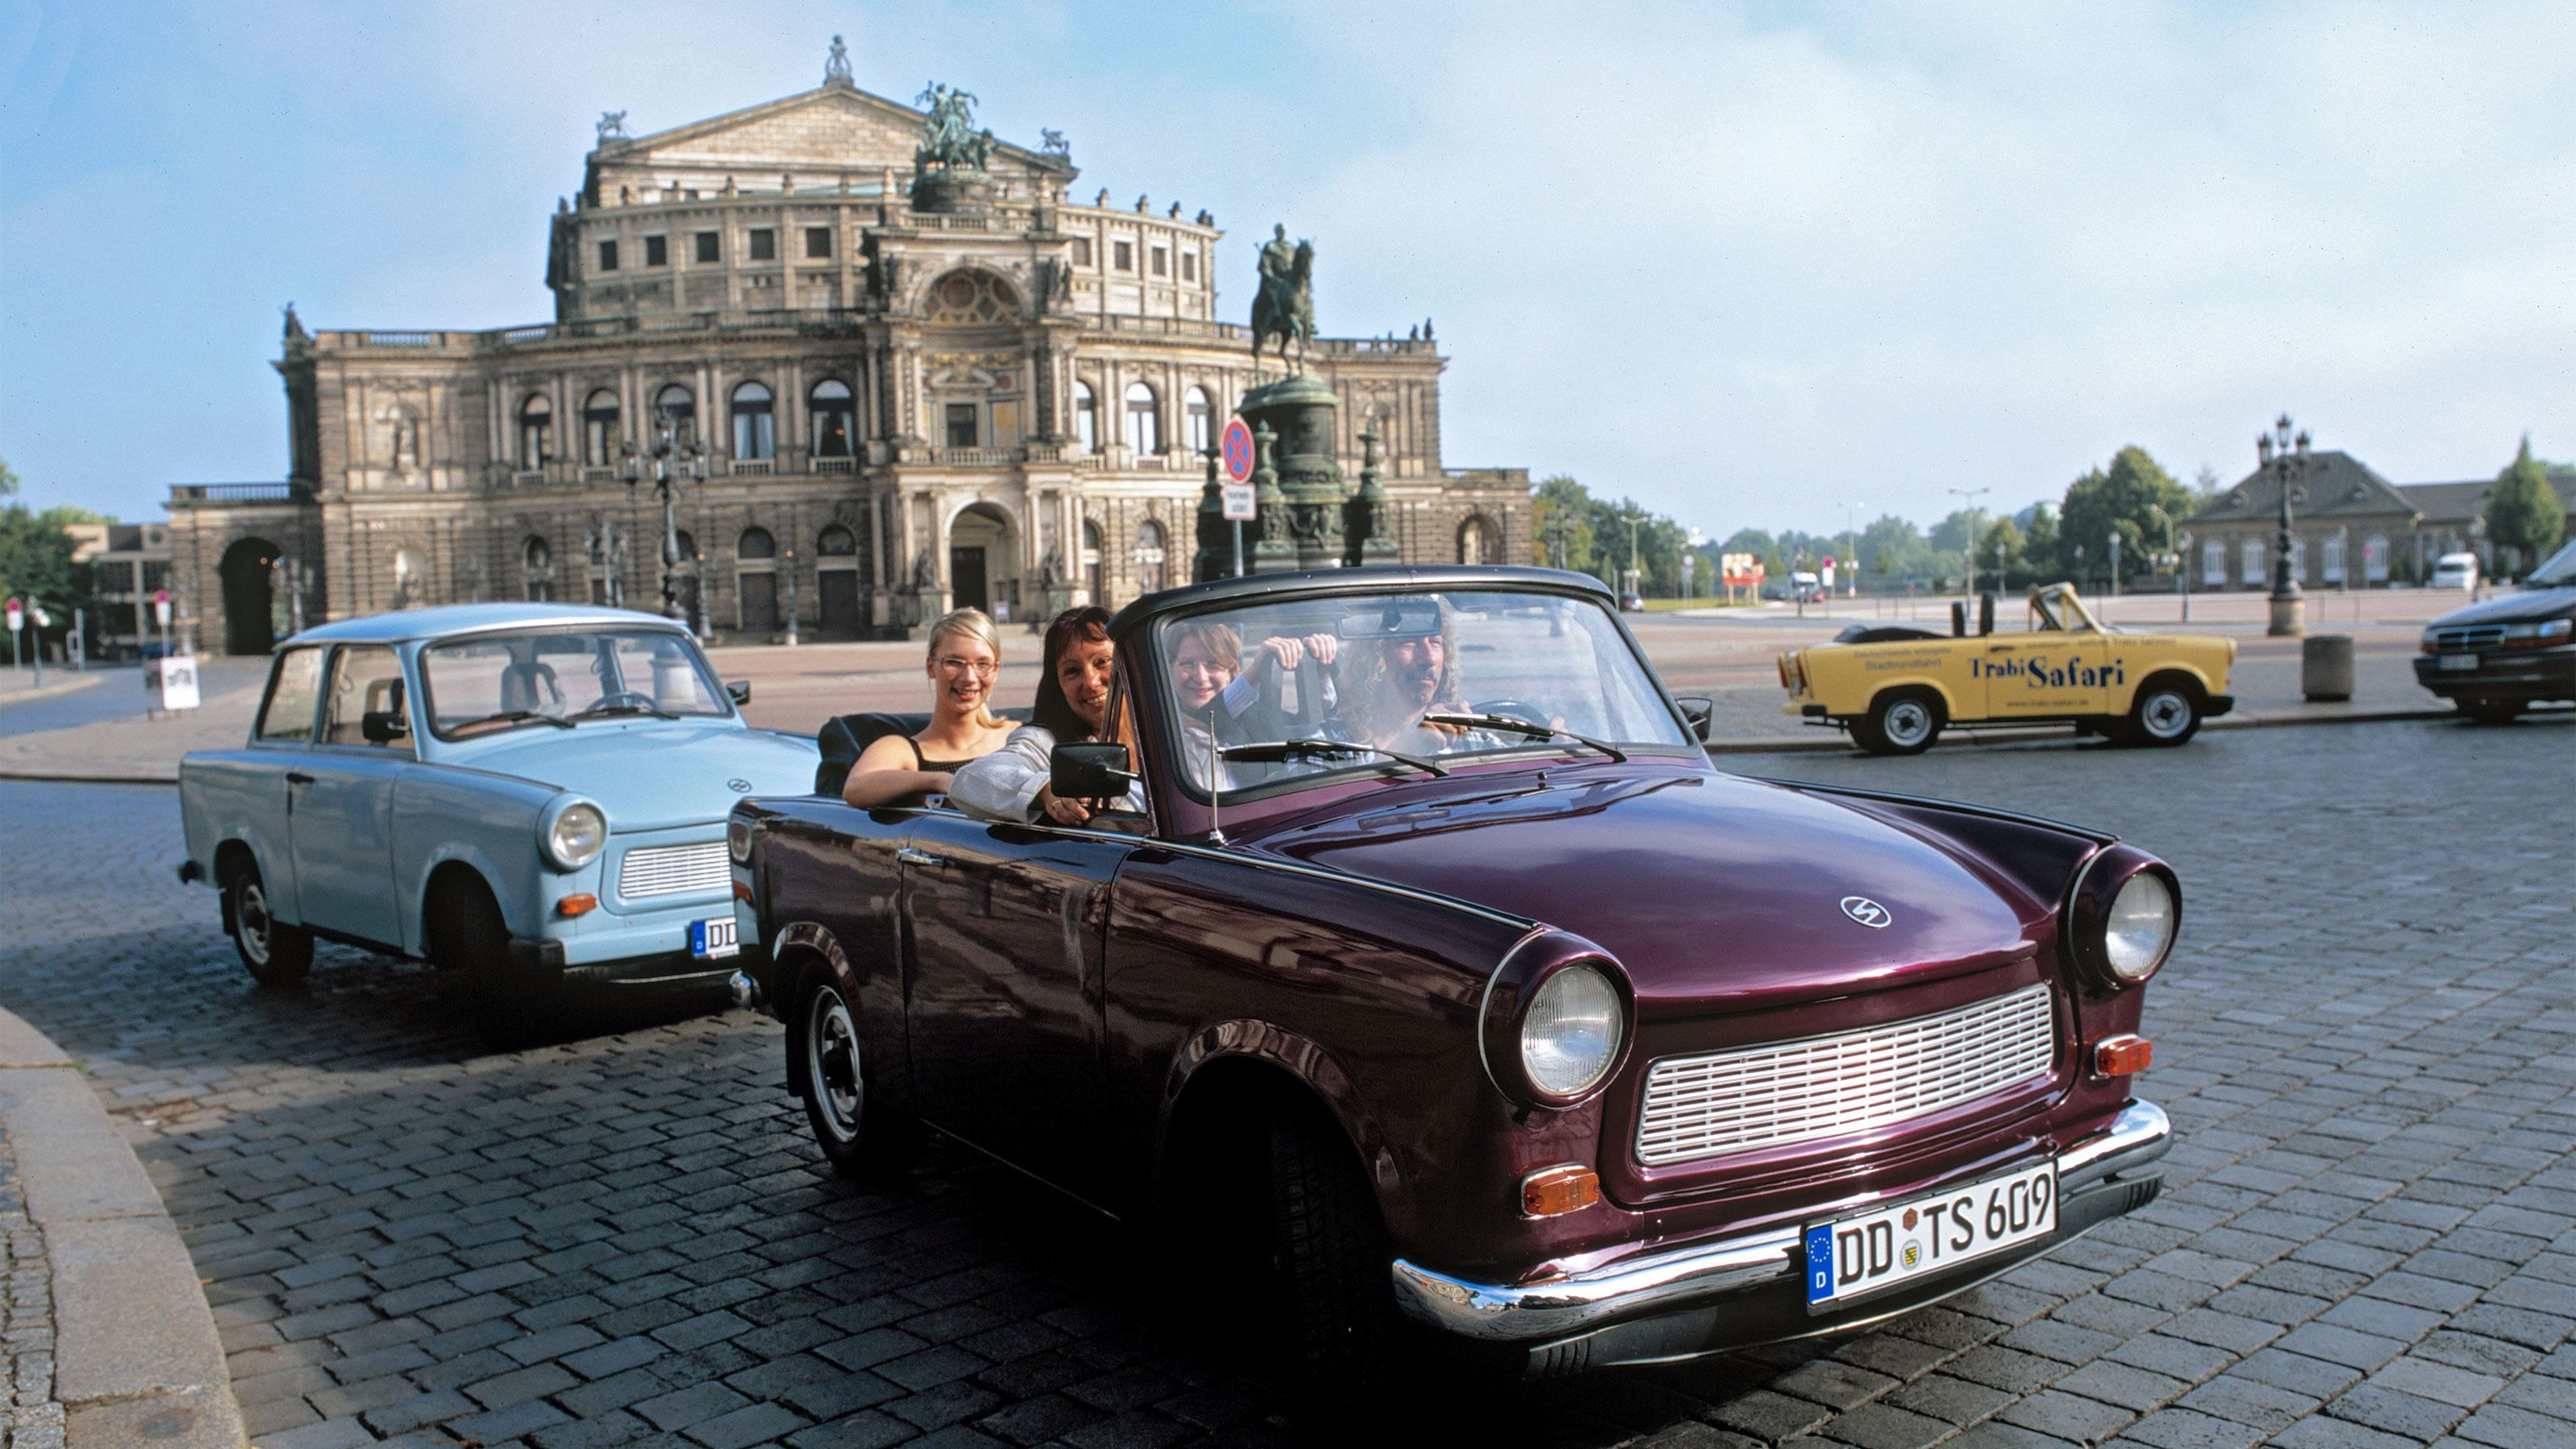 Dresden kompakt in 1,5 Stunden